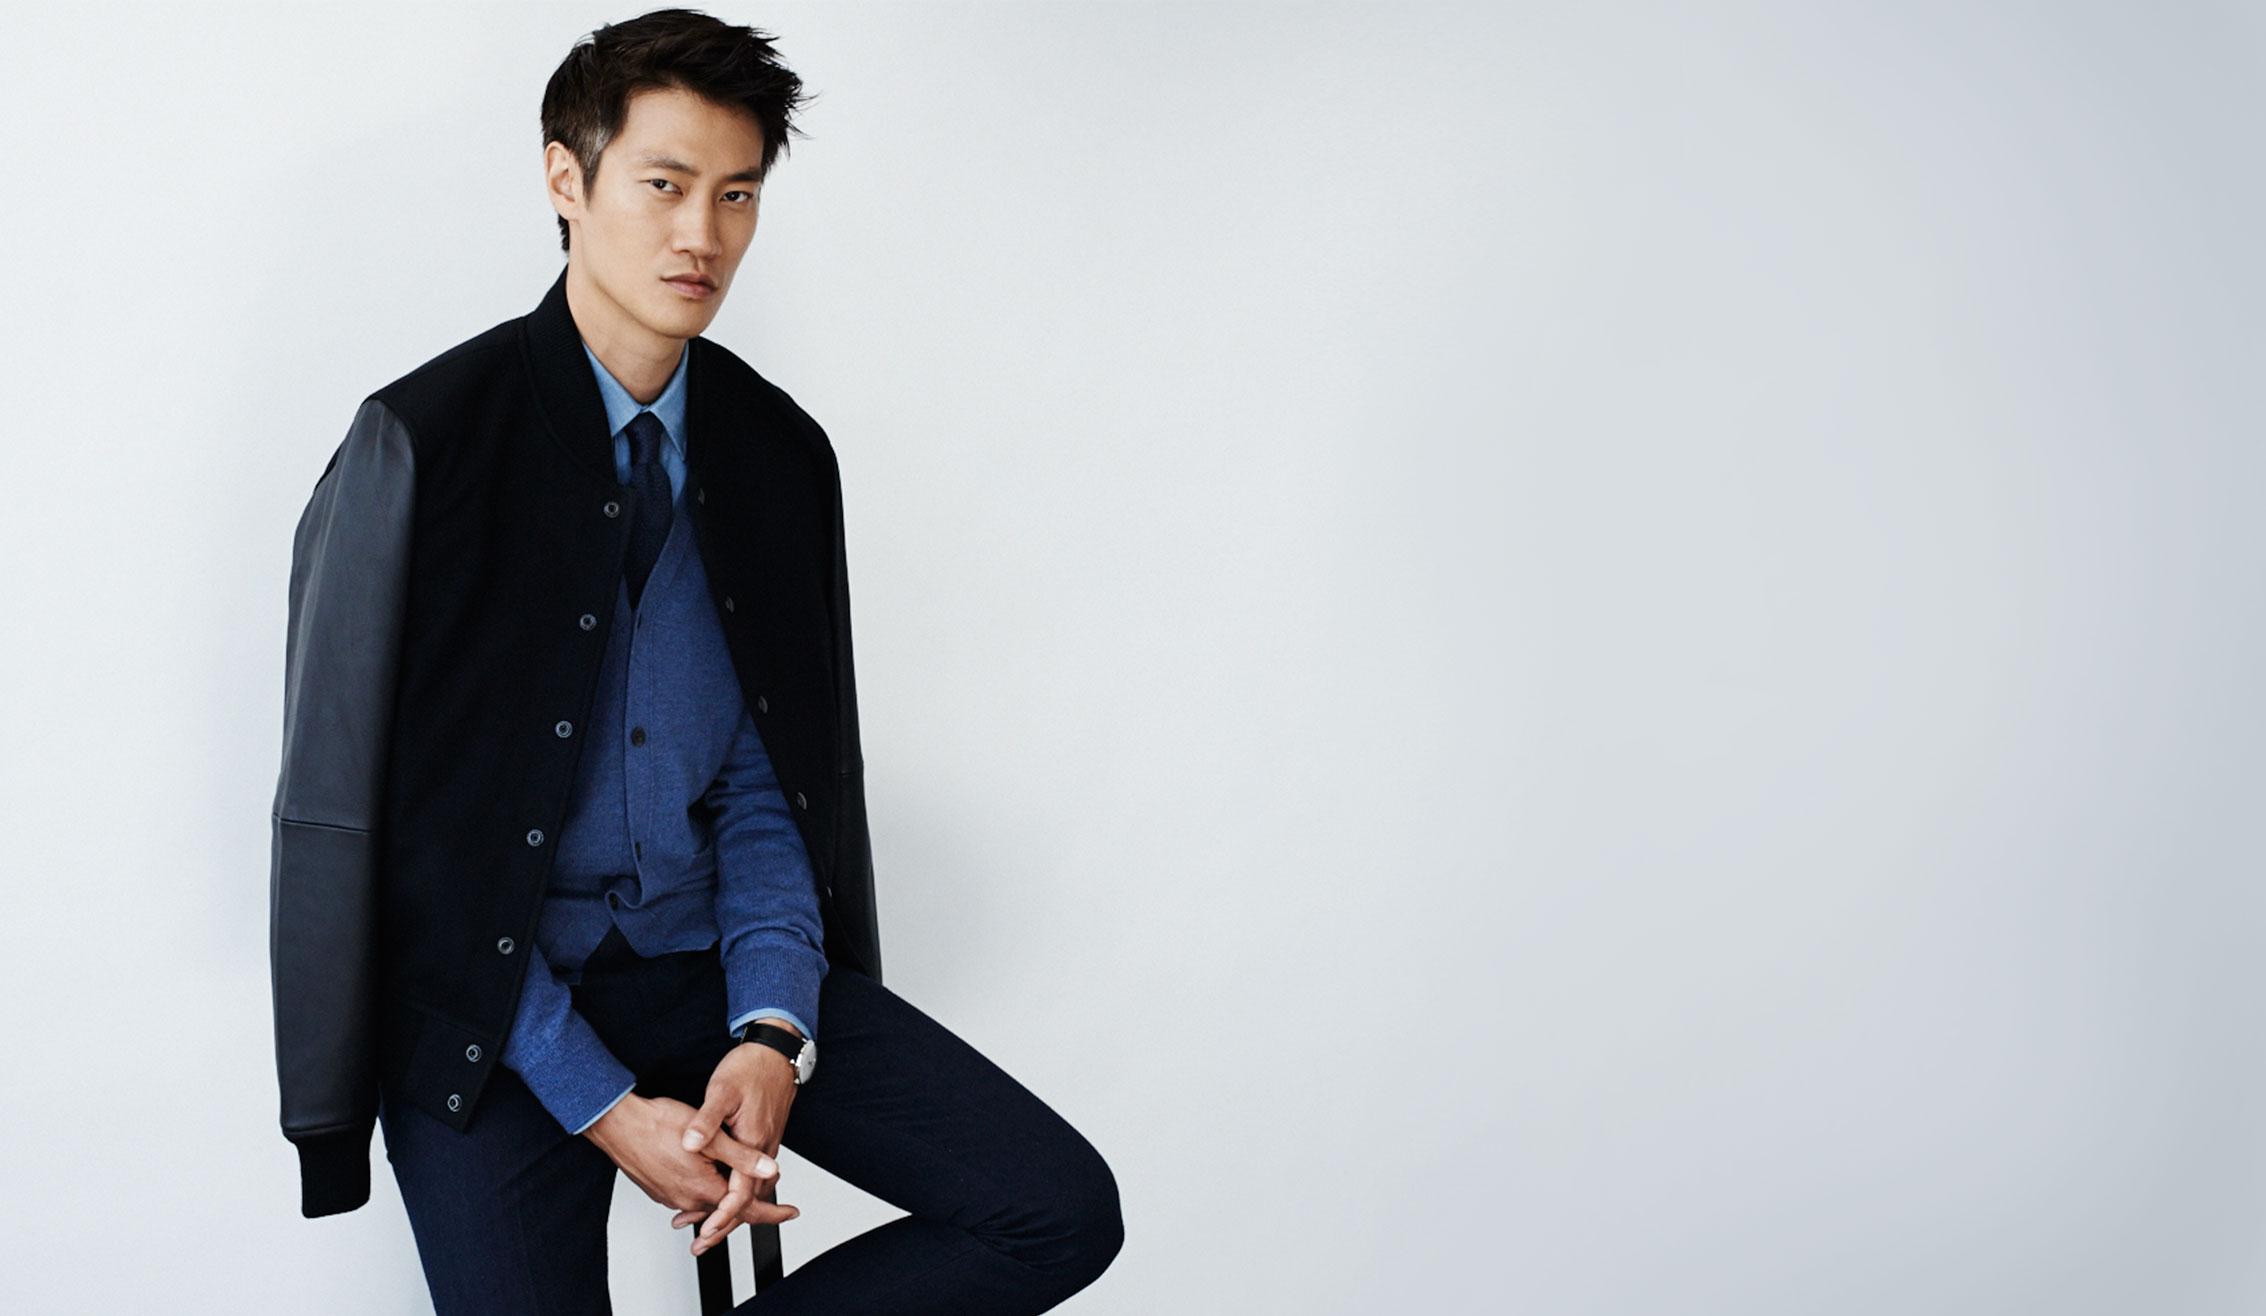 Philip Huang Sports Tonal Fall Fashions for Club Monaco